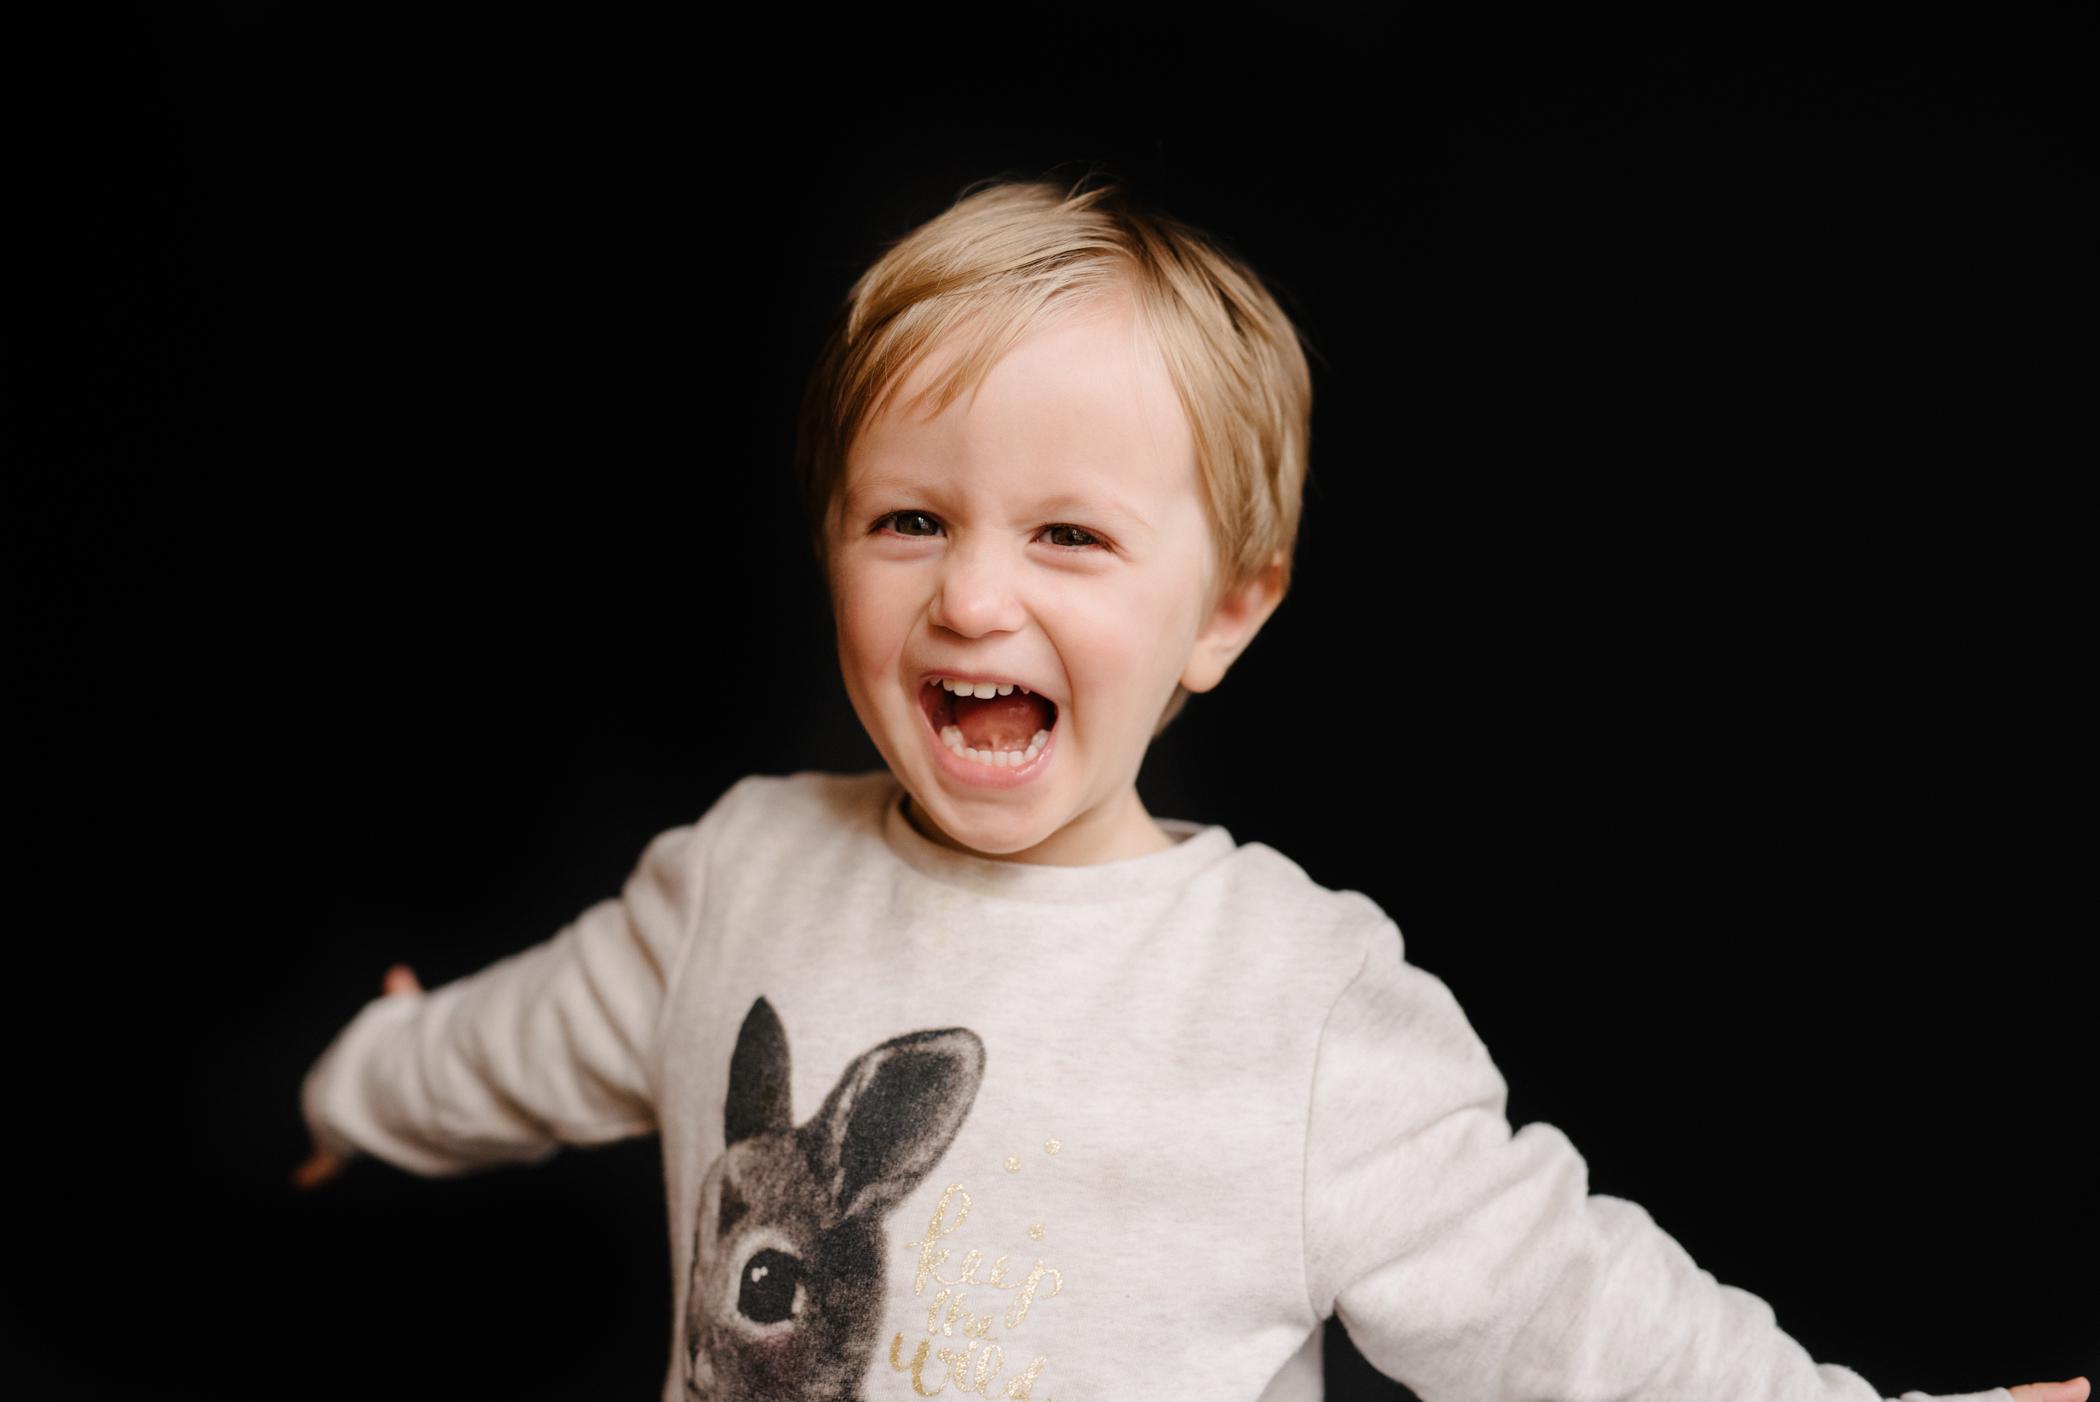 photo-de-garderie-originale-et-authentique-fillette-souriante-bras-ouverts-photographe-lifestyle-famille-et-nouveau-ne-a-montreal-marianne-charland-050.jpg